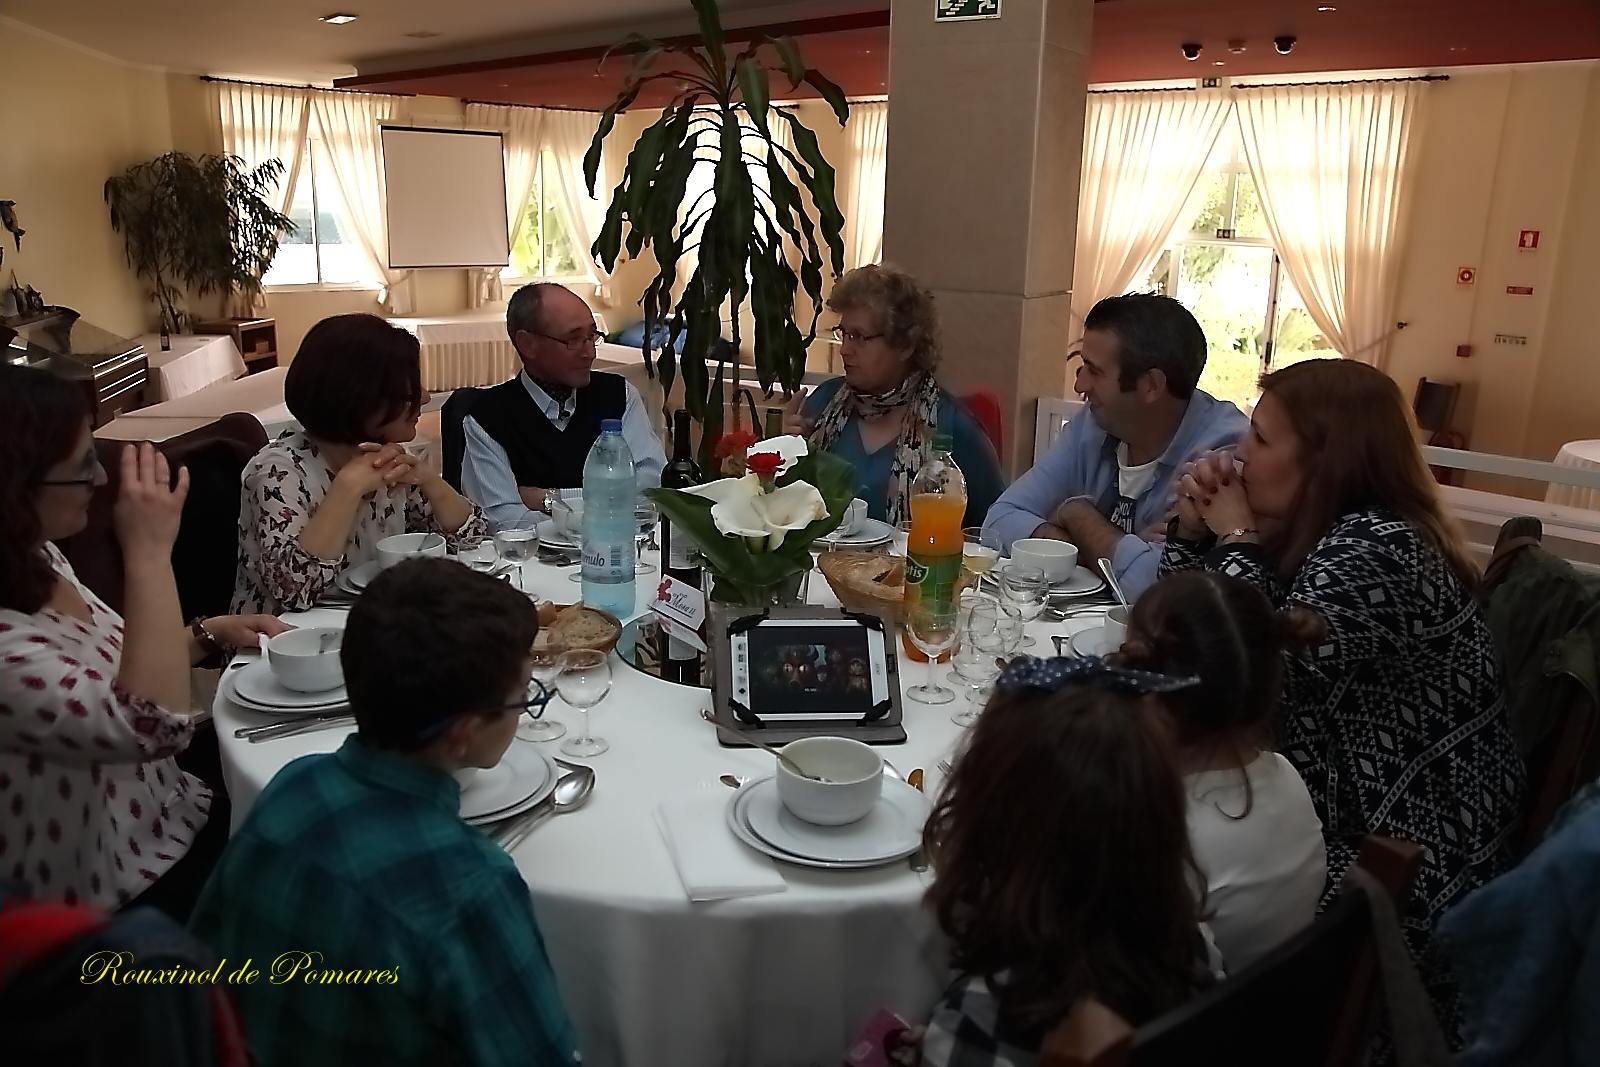 Almoço Comemoração 95 Anos Sociedade  (12)